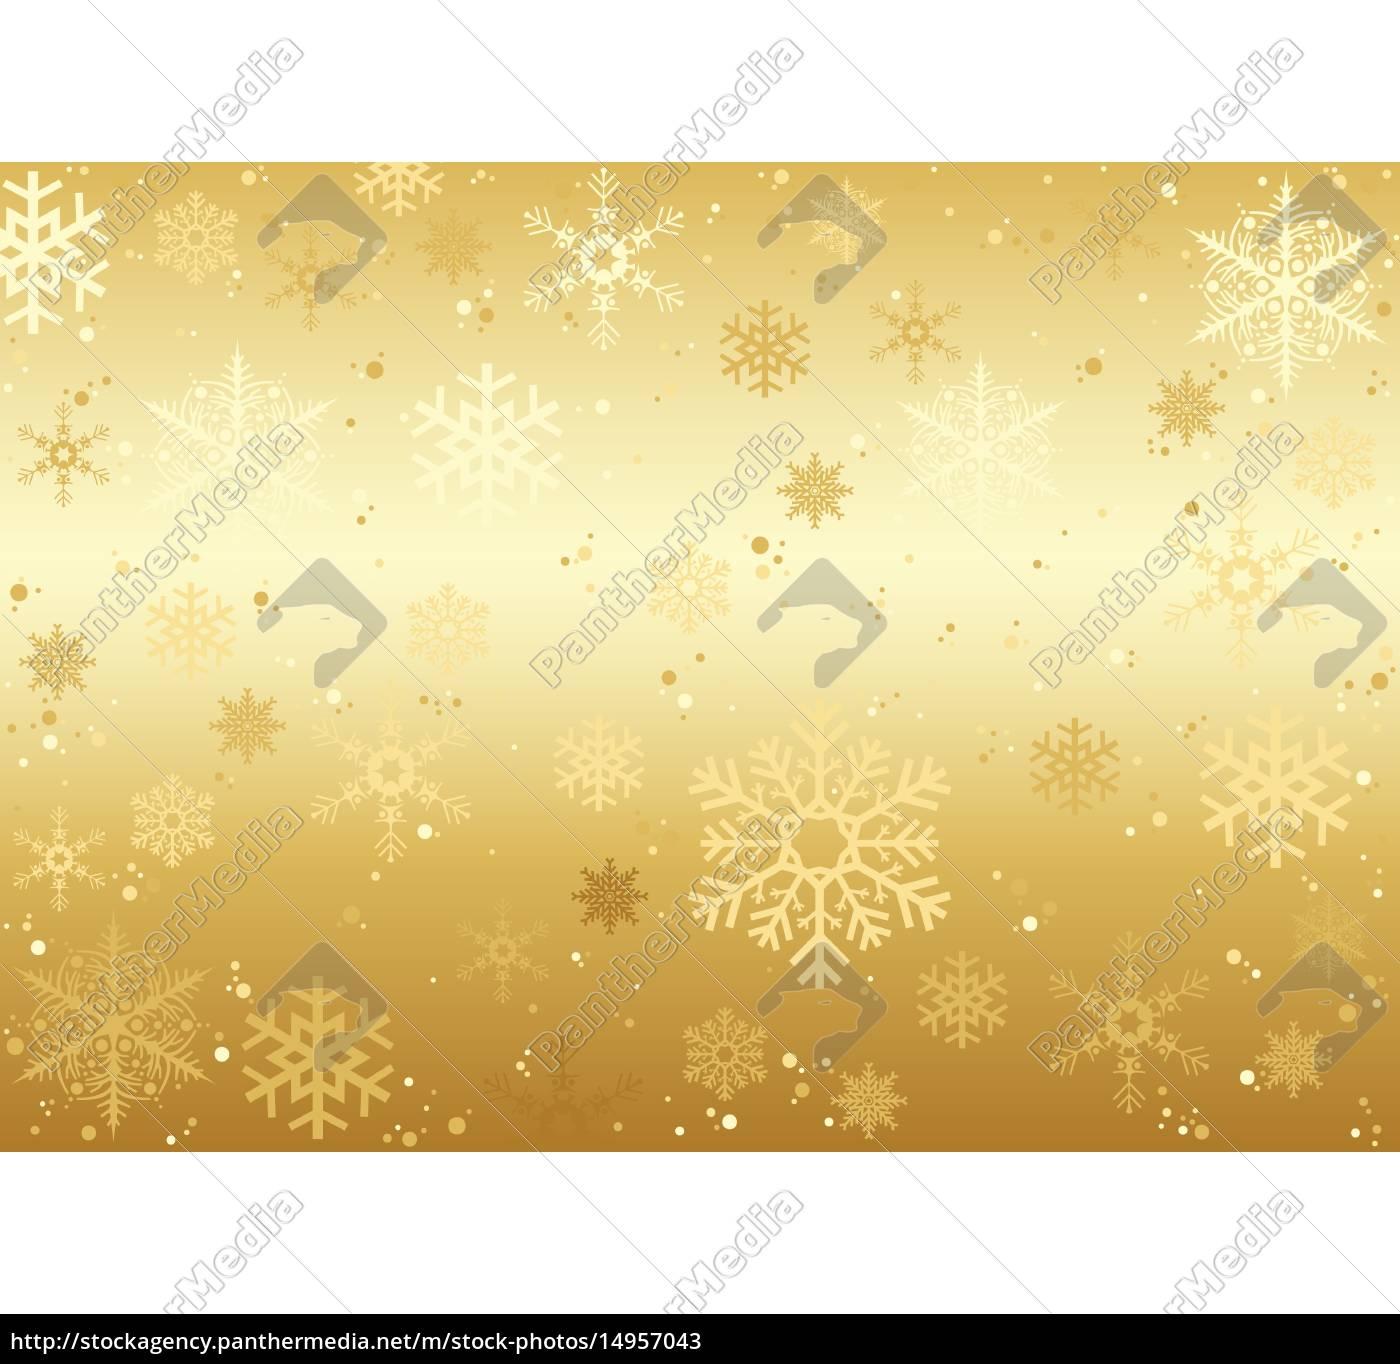 weihnachten schneeflocken textur - Stockfoto - #14957043 ...